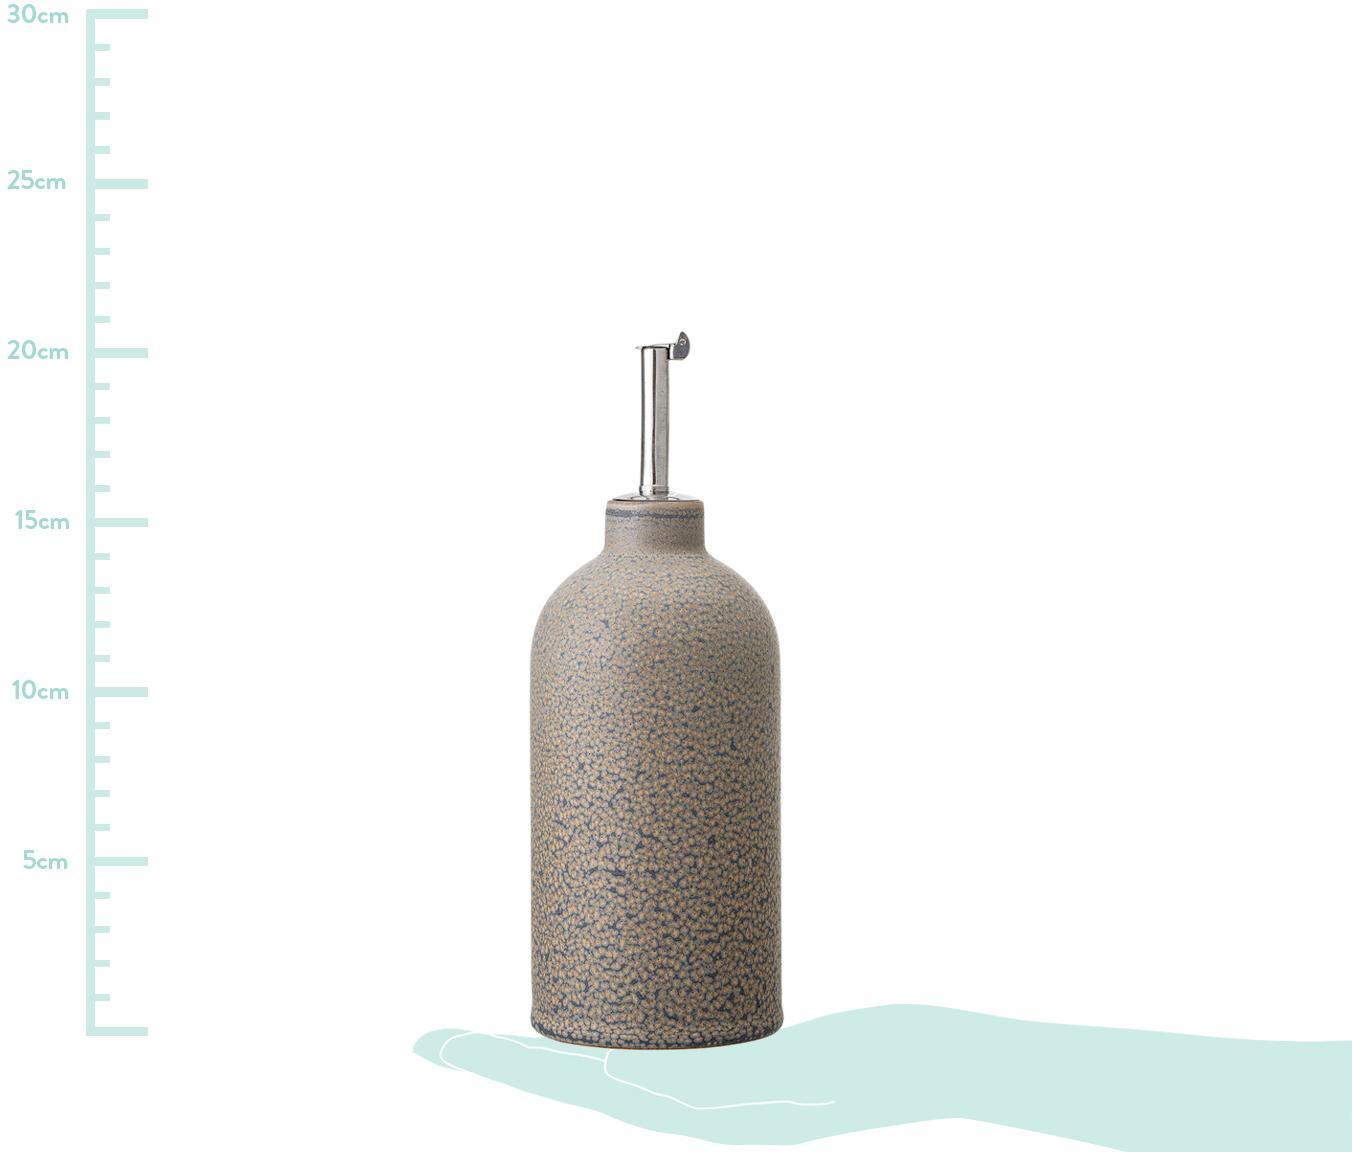 Handgemachter Essig- und Öl-Spender Kendra, Steingut, Edelstahl, Greige, Ø 8 x H 20 cm